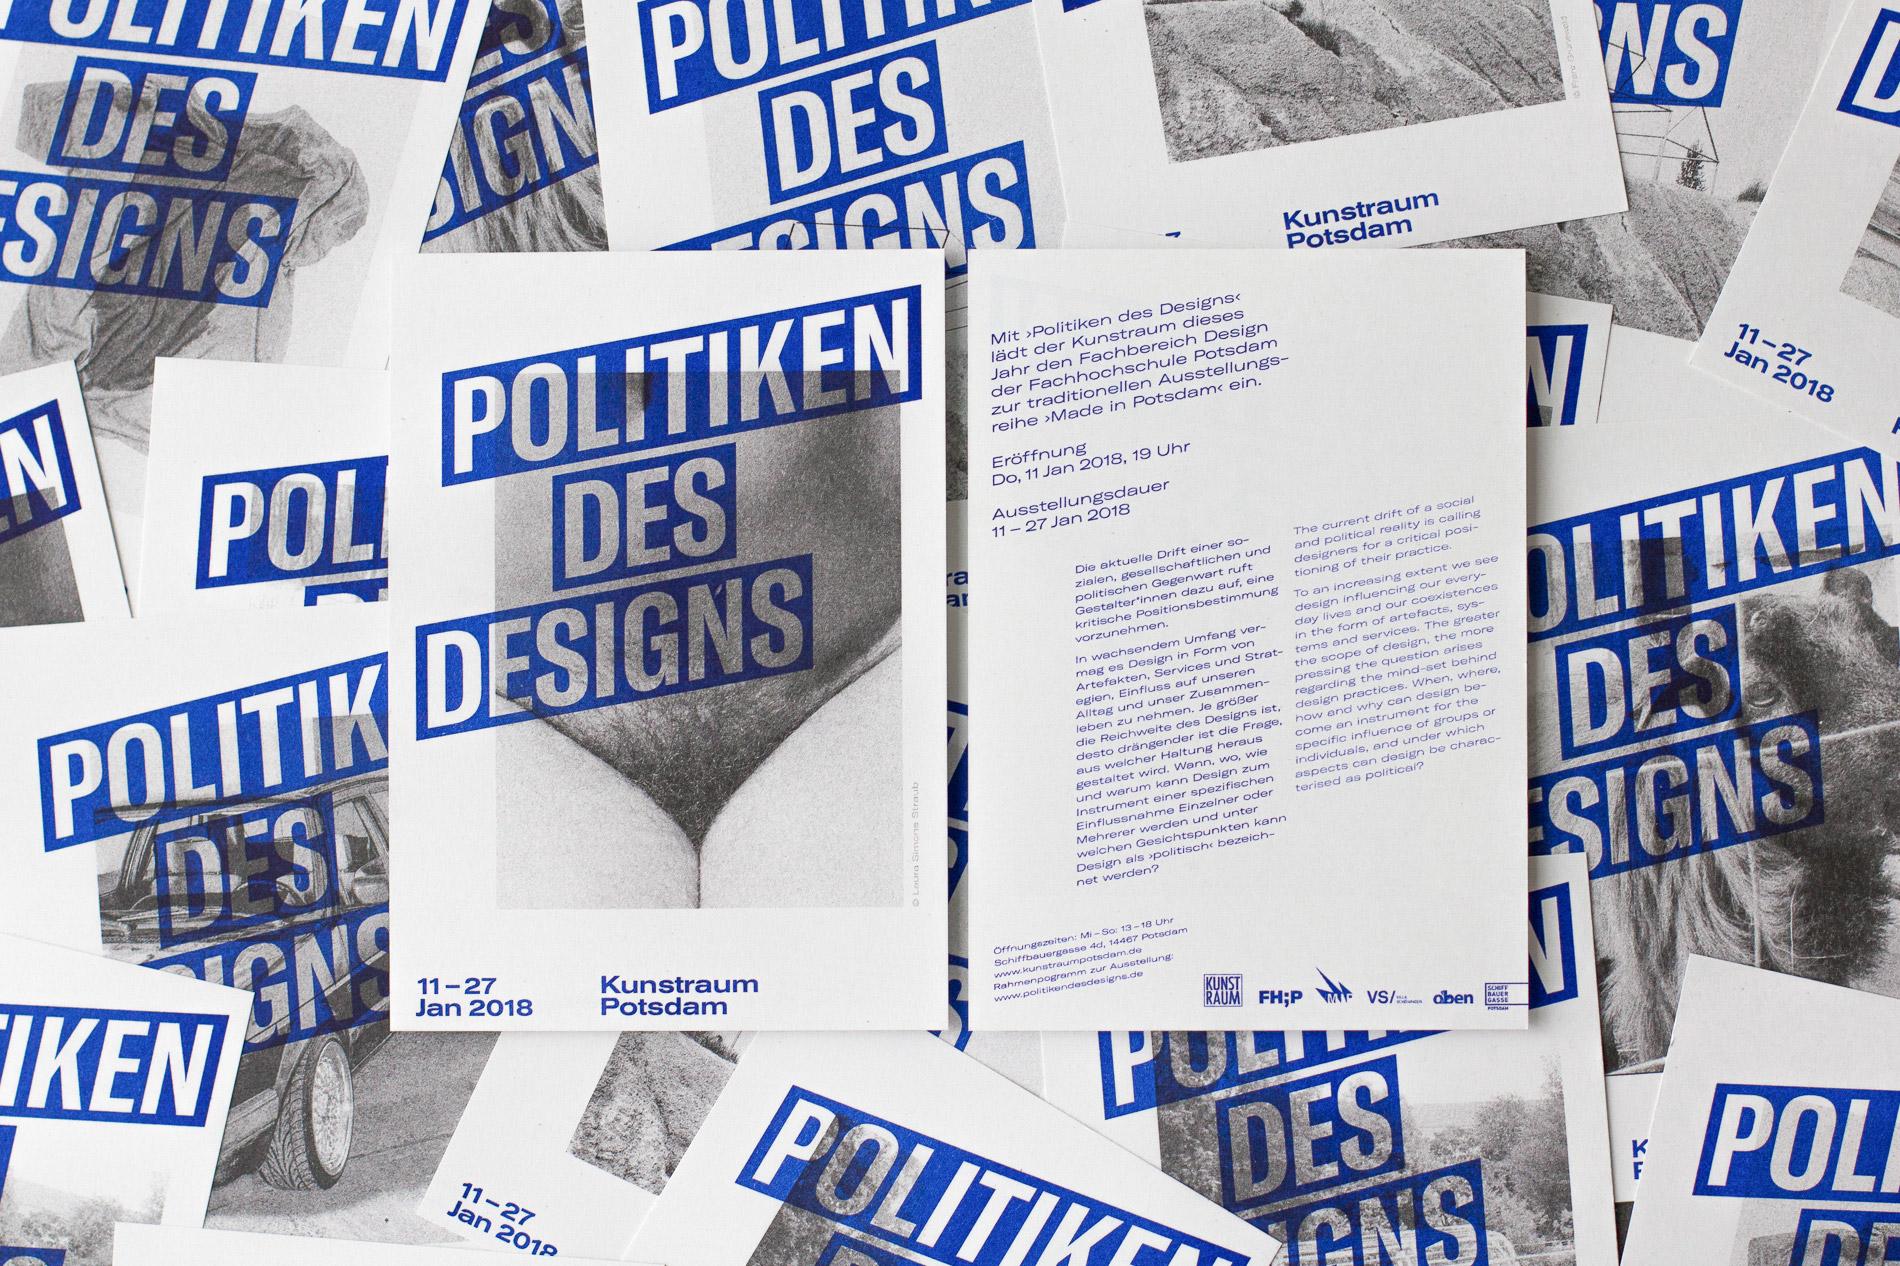 Politken des Designs